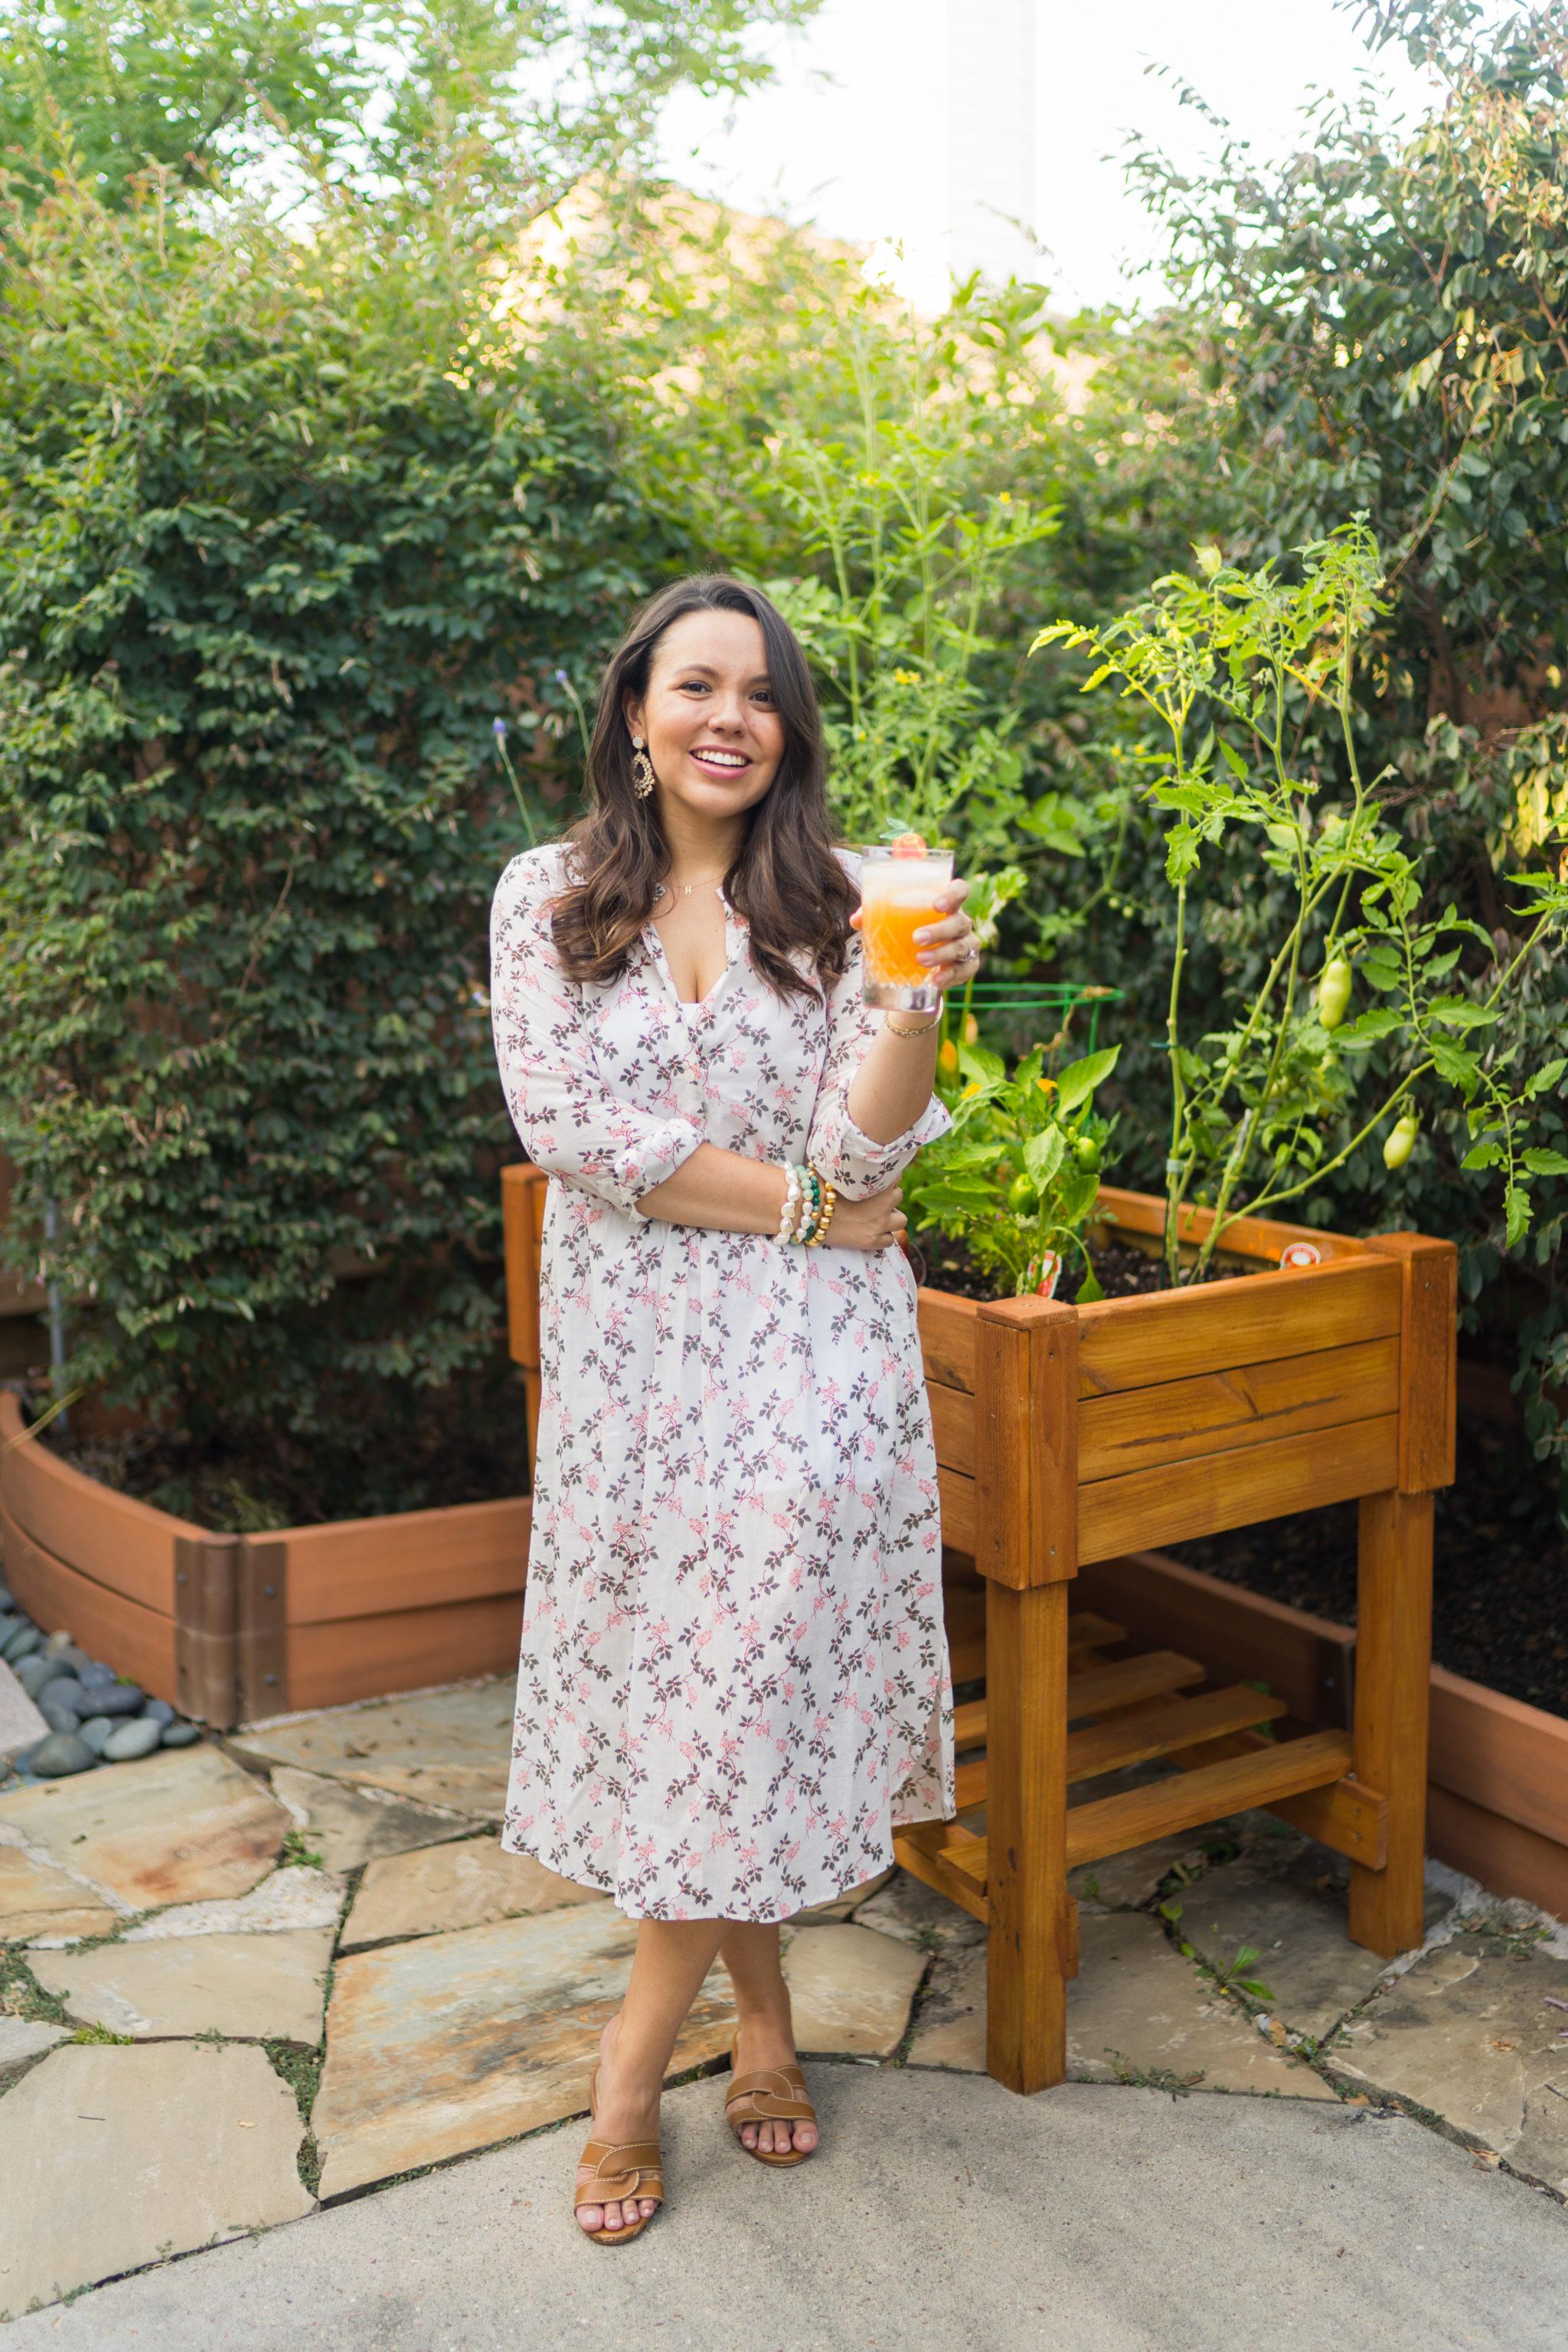 Floral grandmillennial housedress